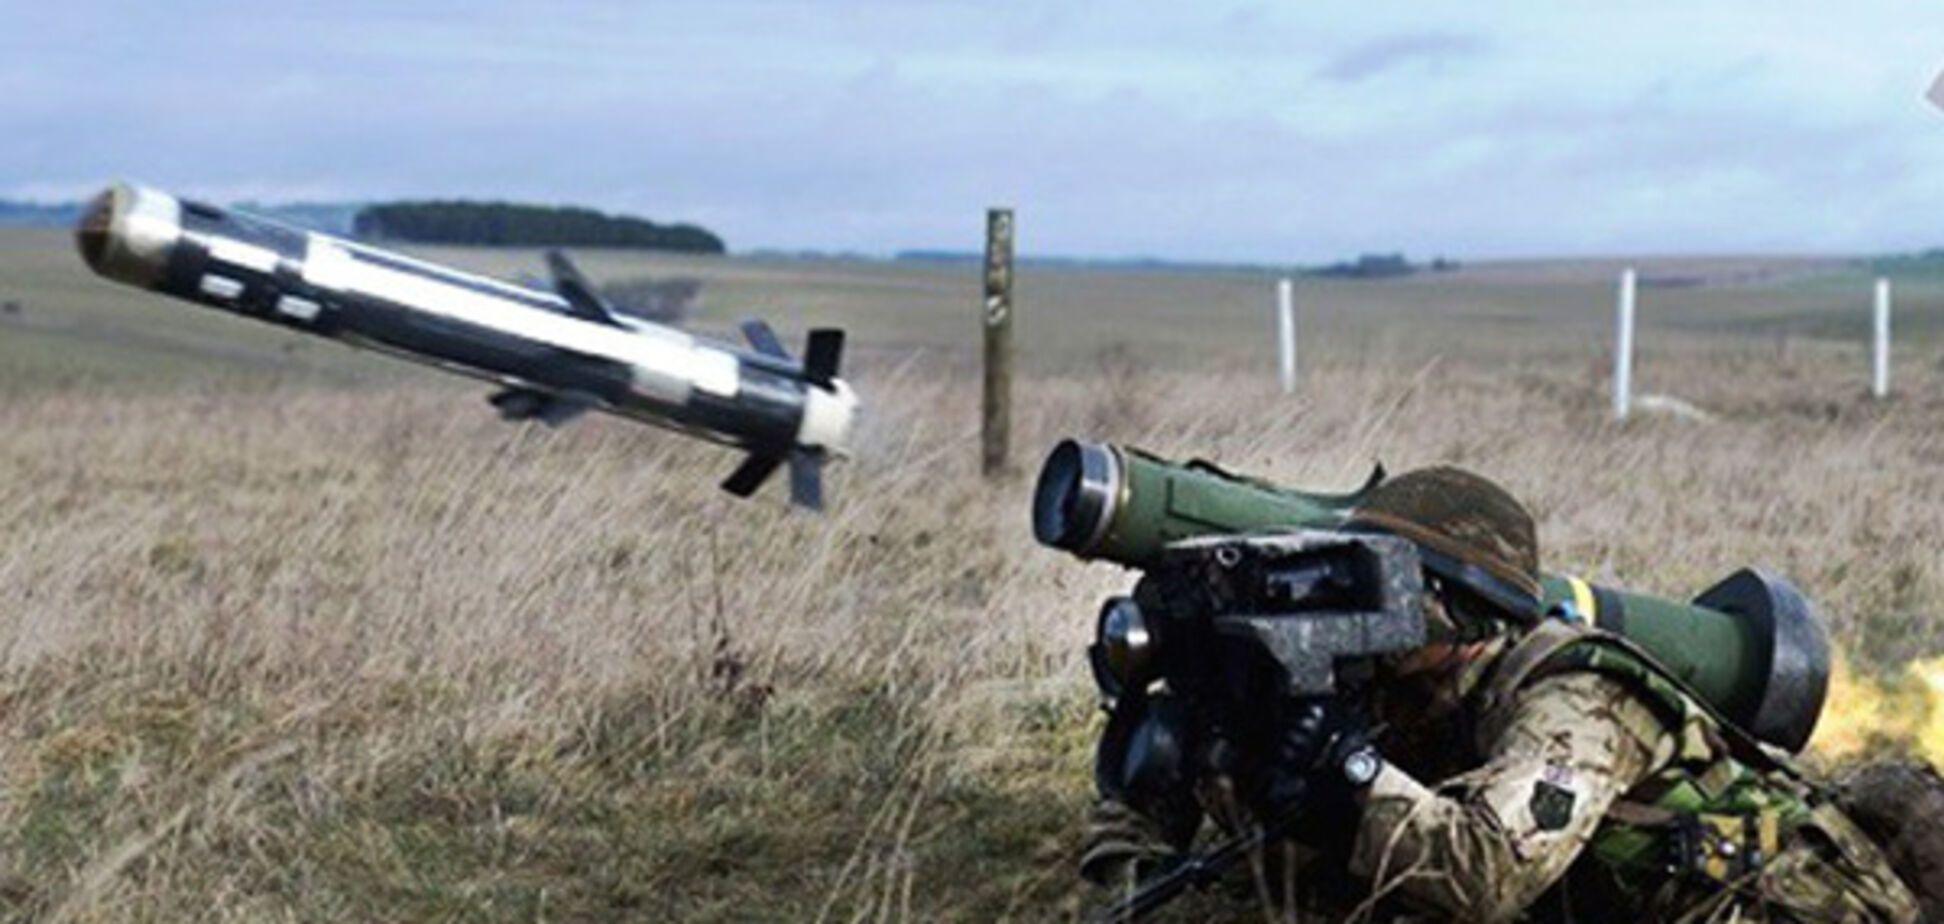 Поставки оружия Украине: Россия пригрозила 'взрывом'